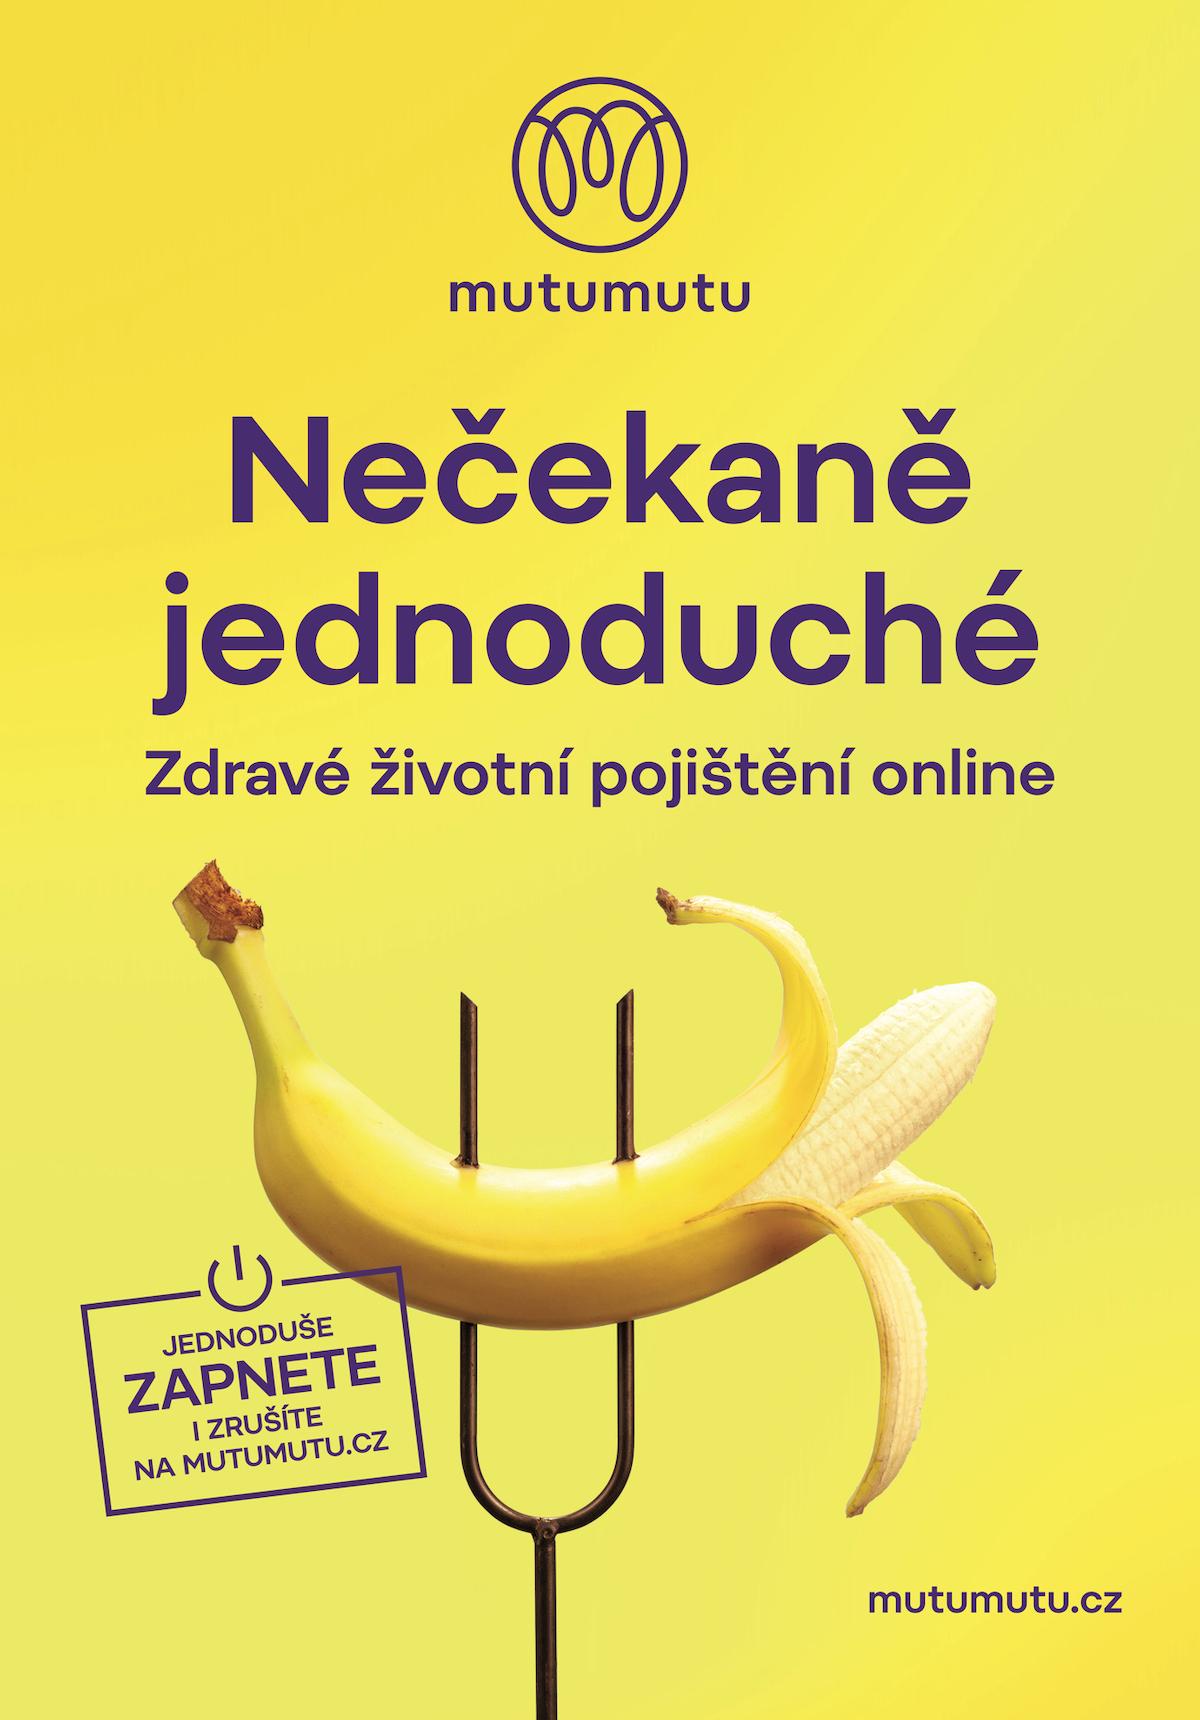 Mutumutu: Banán (Creative Dock)